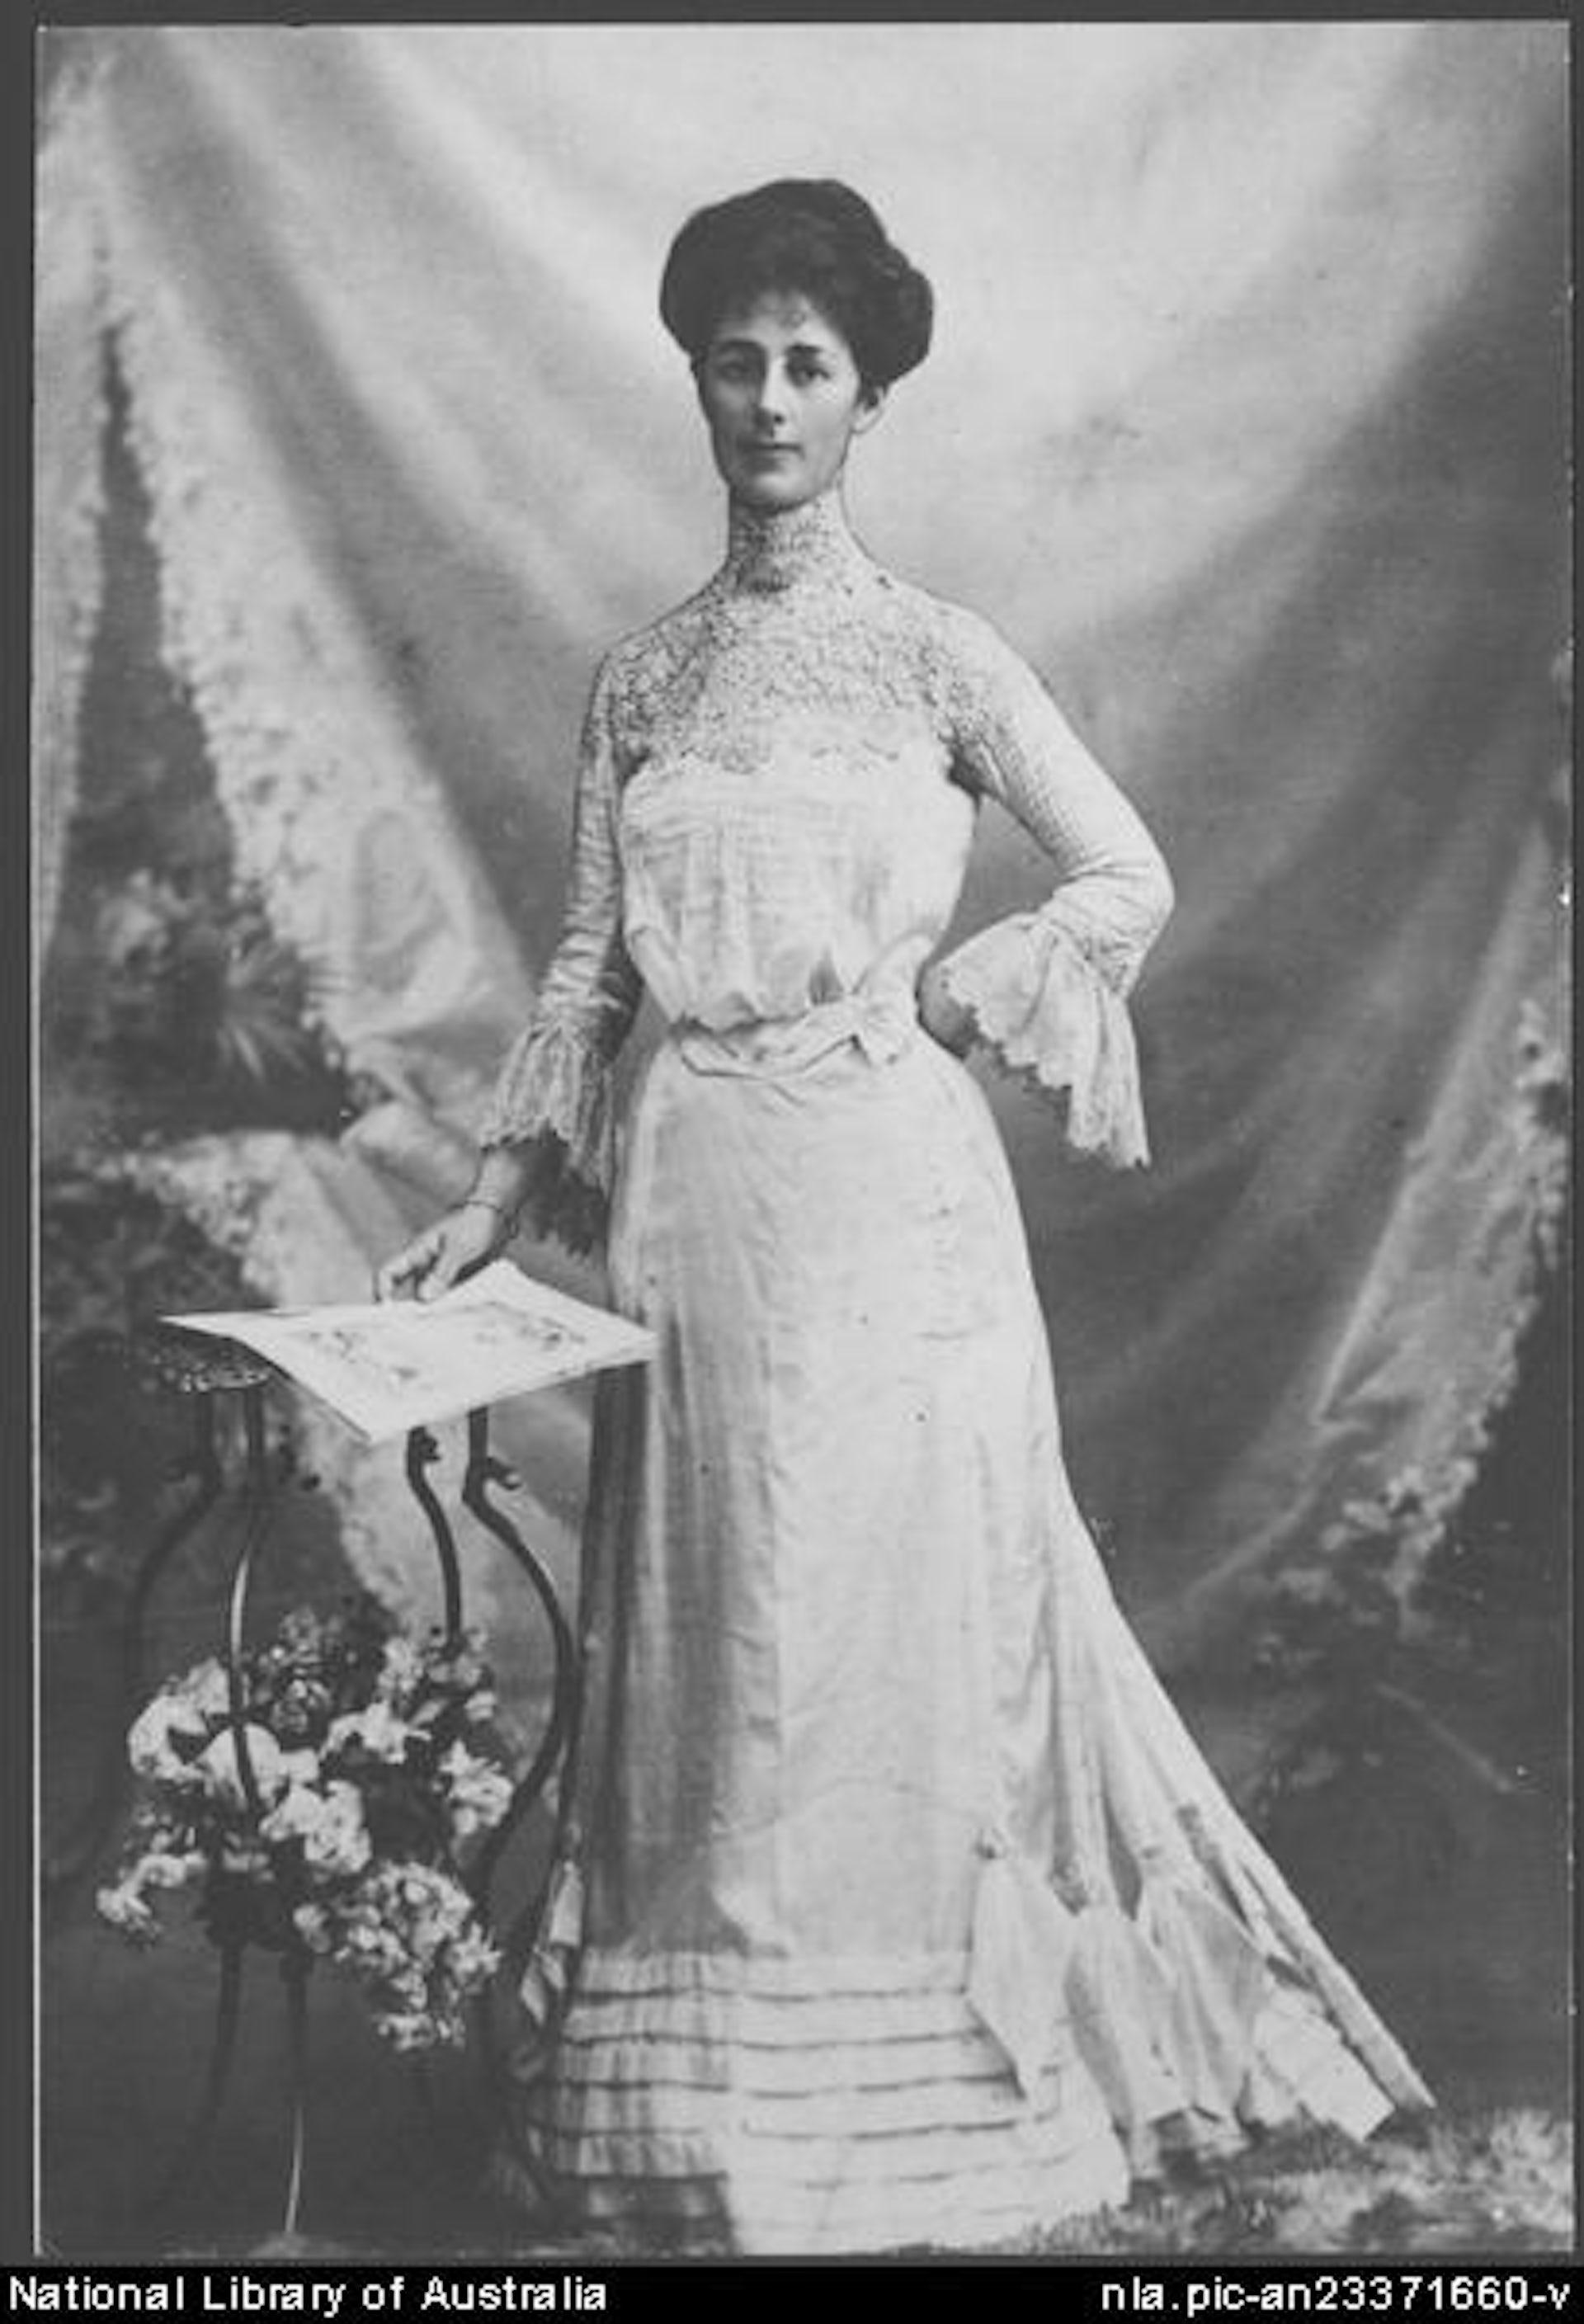 la Suffragette reunirse con convirtió Vida Goldstein en Blanca en en Casa australiano se estadounidense presidente un el primer x4xrwzUZq